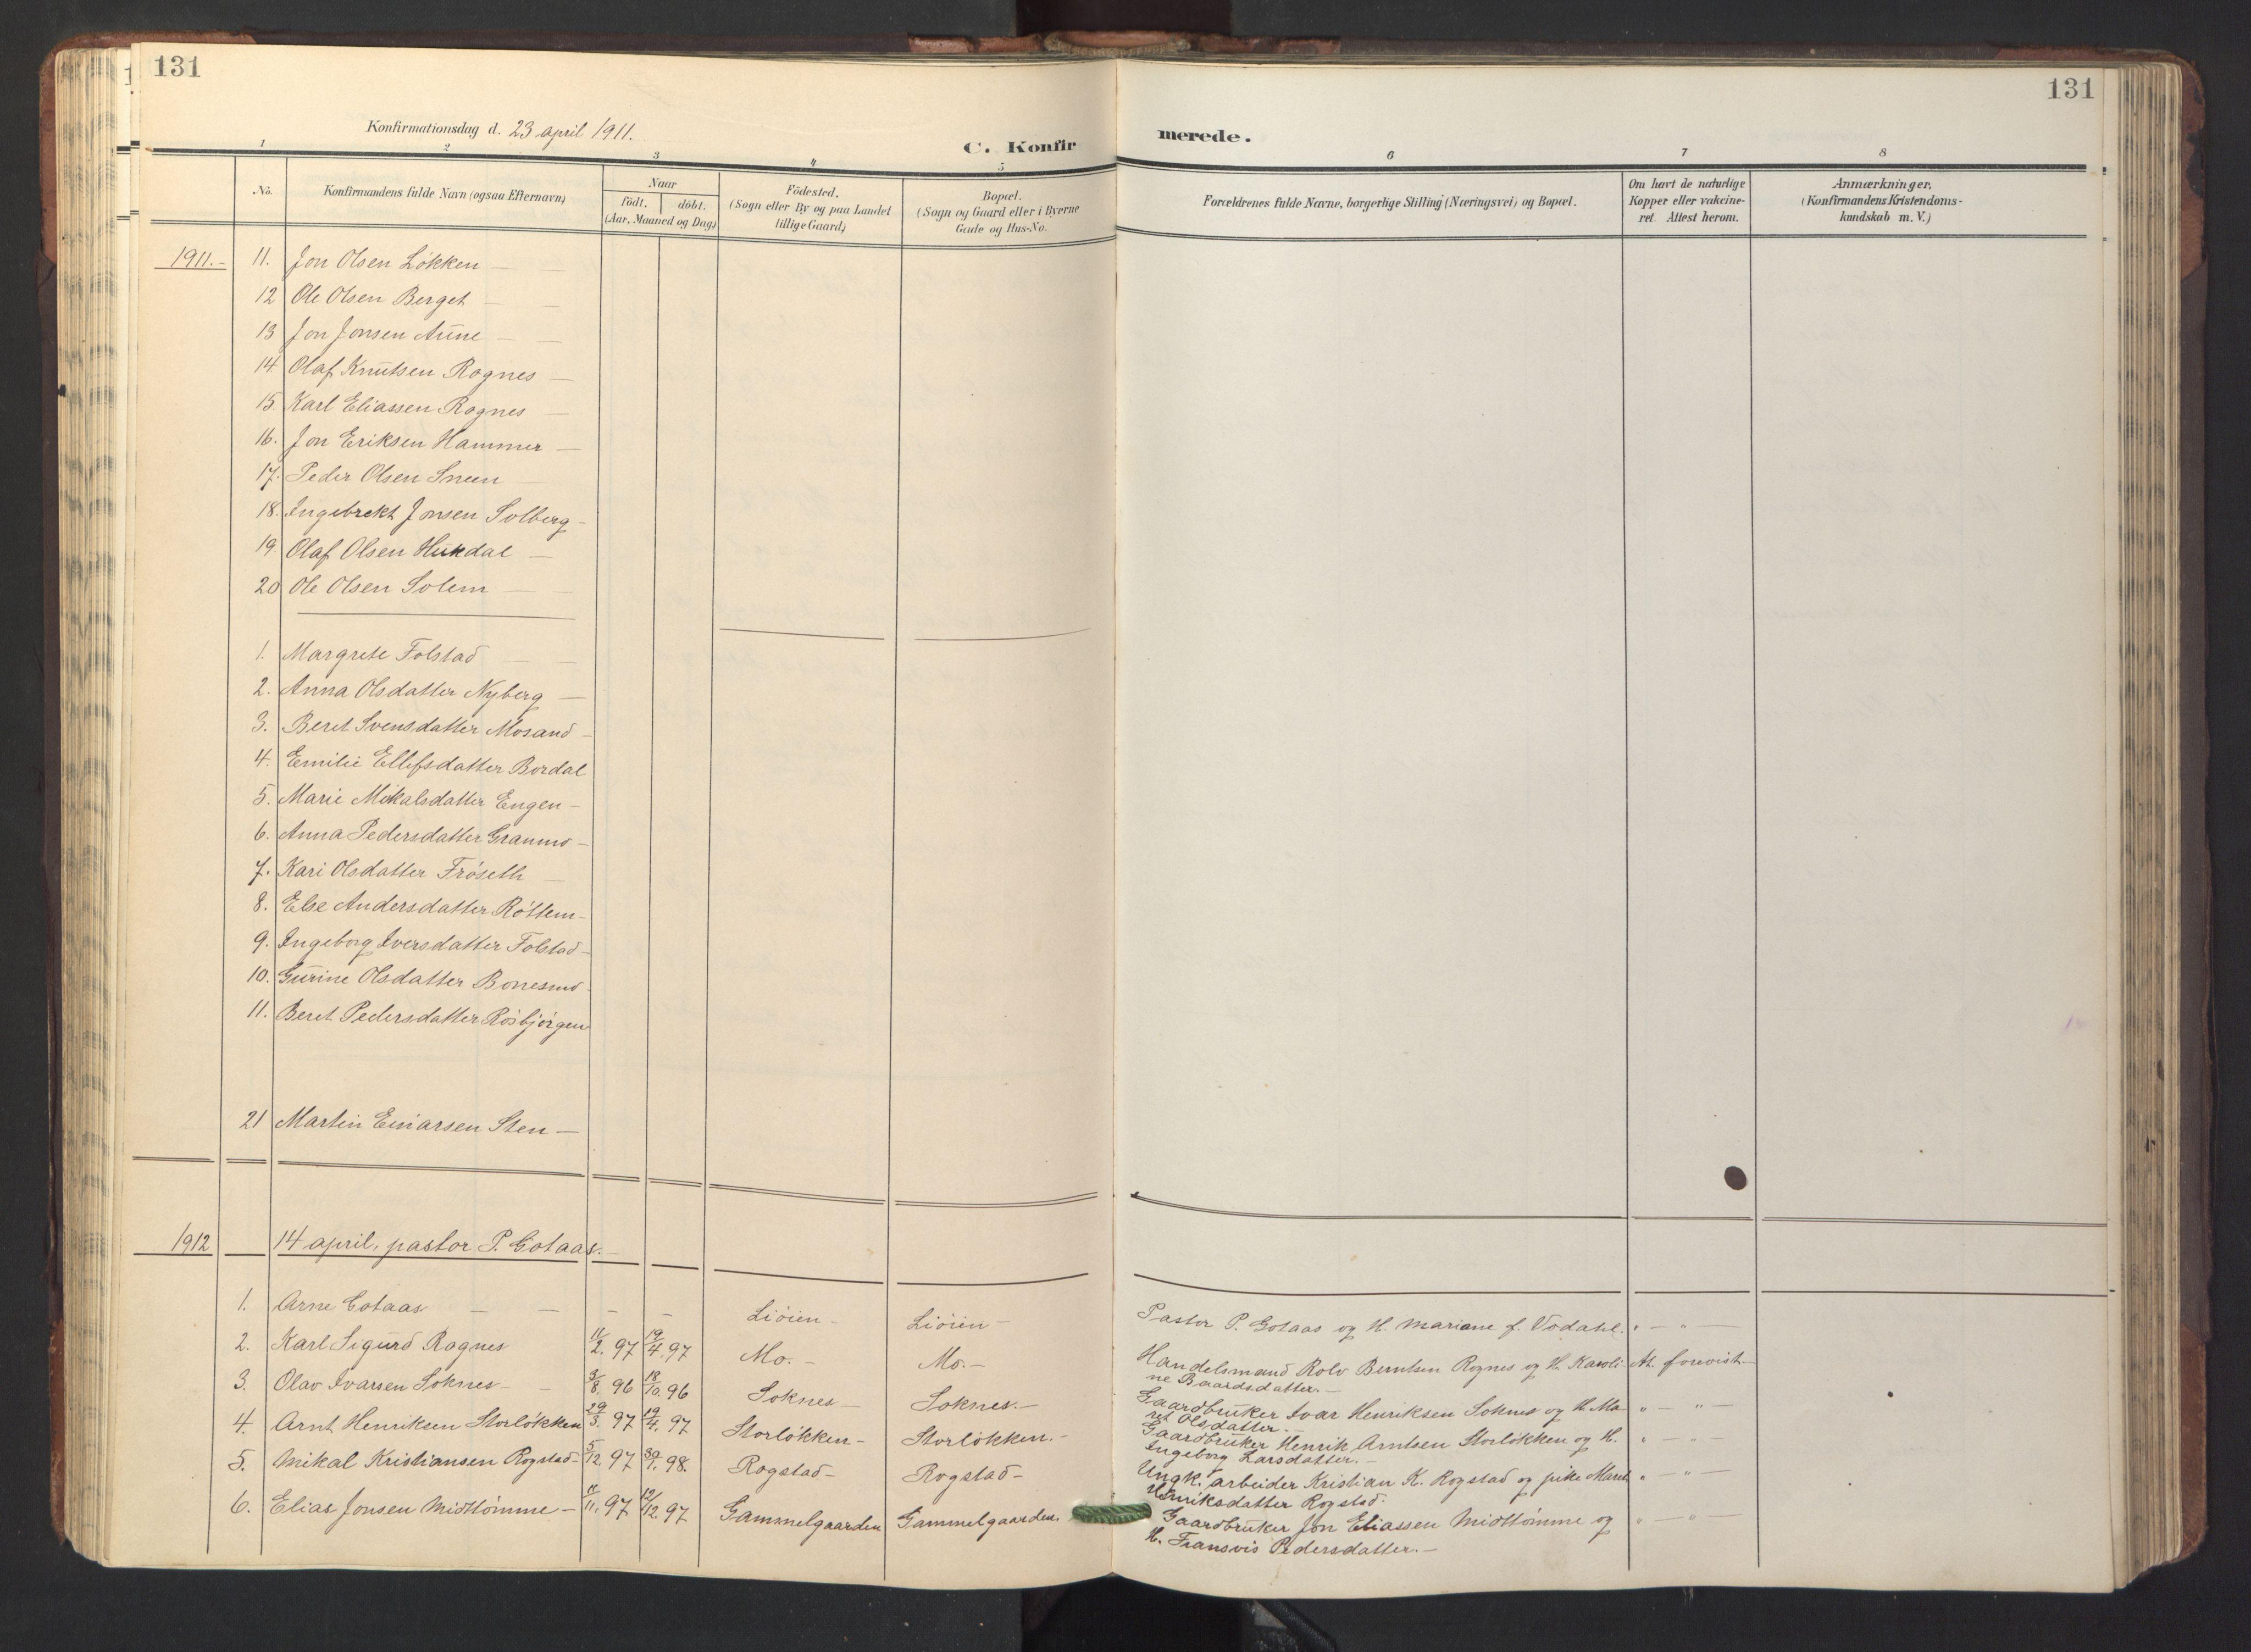 SAT, Ministerialprotokoller, klokkerbøker og fødselsregistre - Sør-Trøndelag, 687/L1019: Klokkerbok nr. 687C03, 1904-1931, s. 131